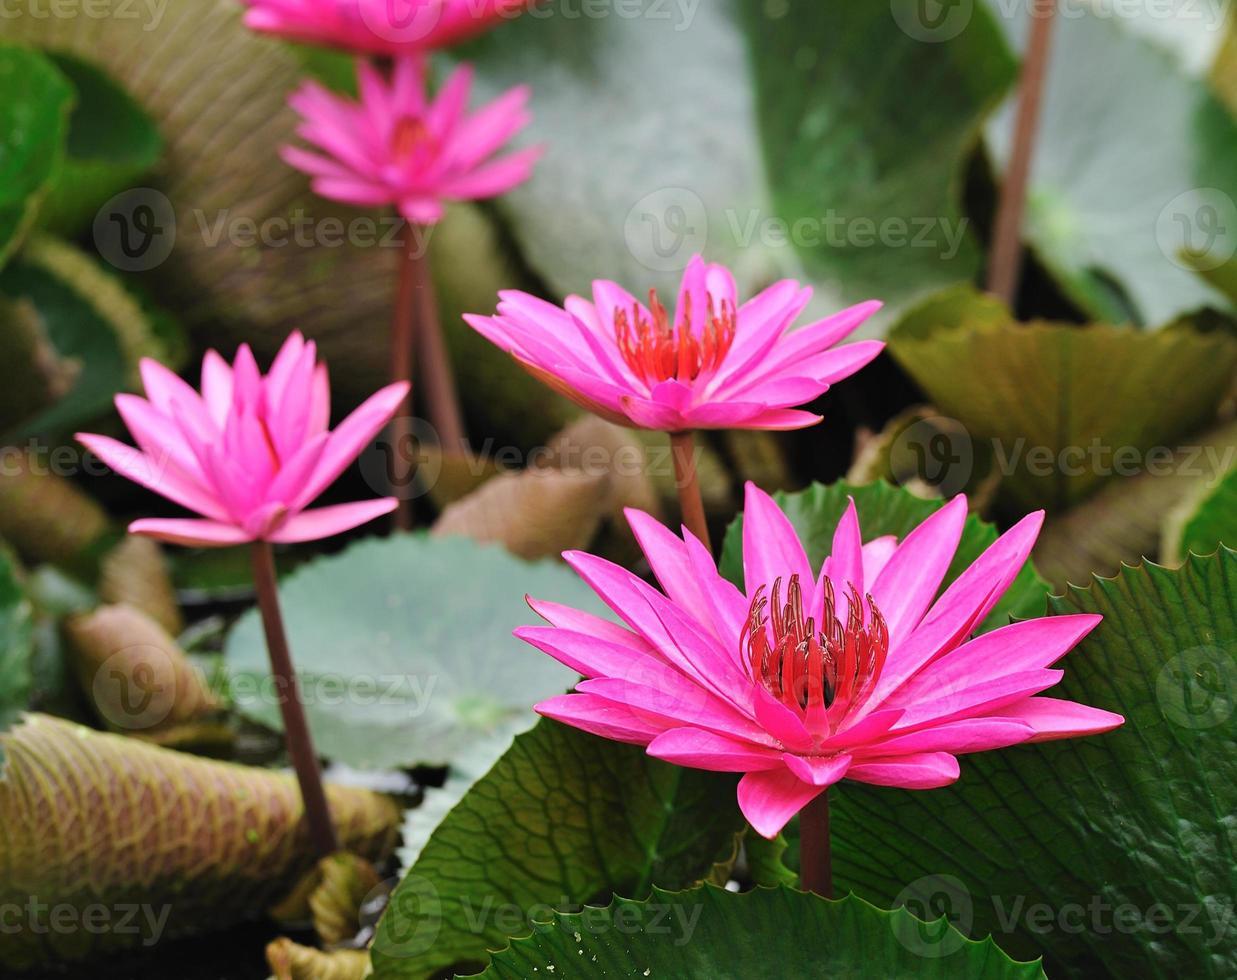 fleur de lotus mauve qui fleurit dans l'étang. photo